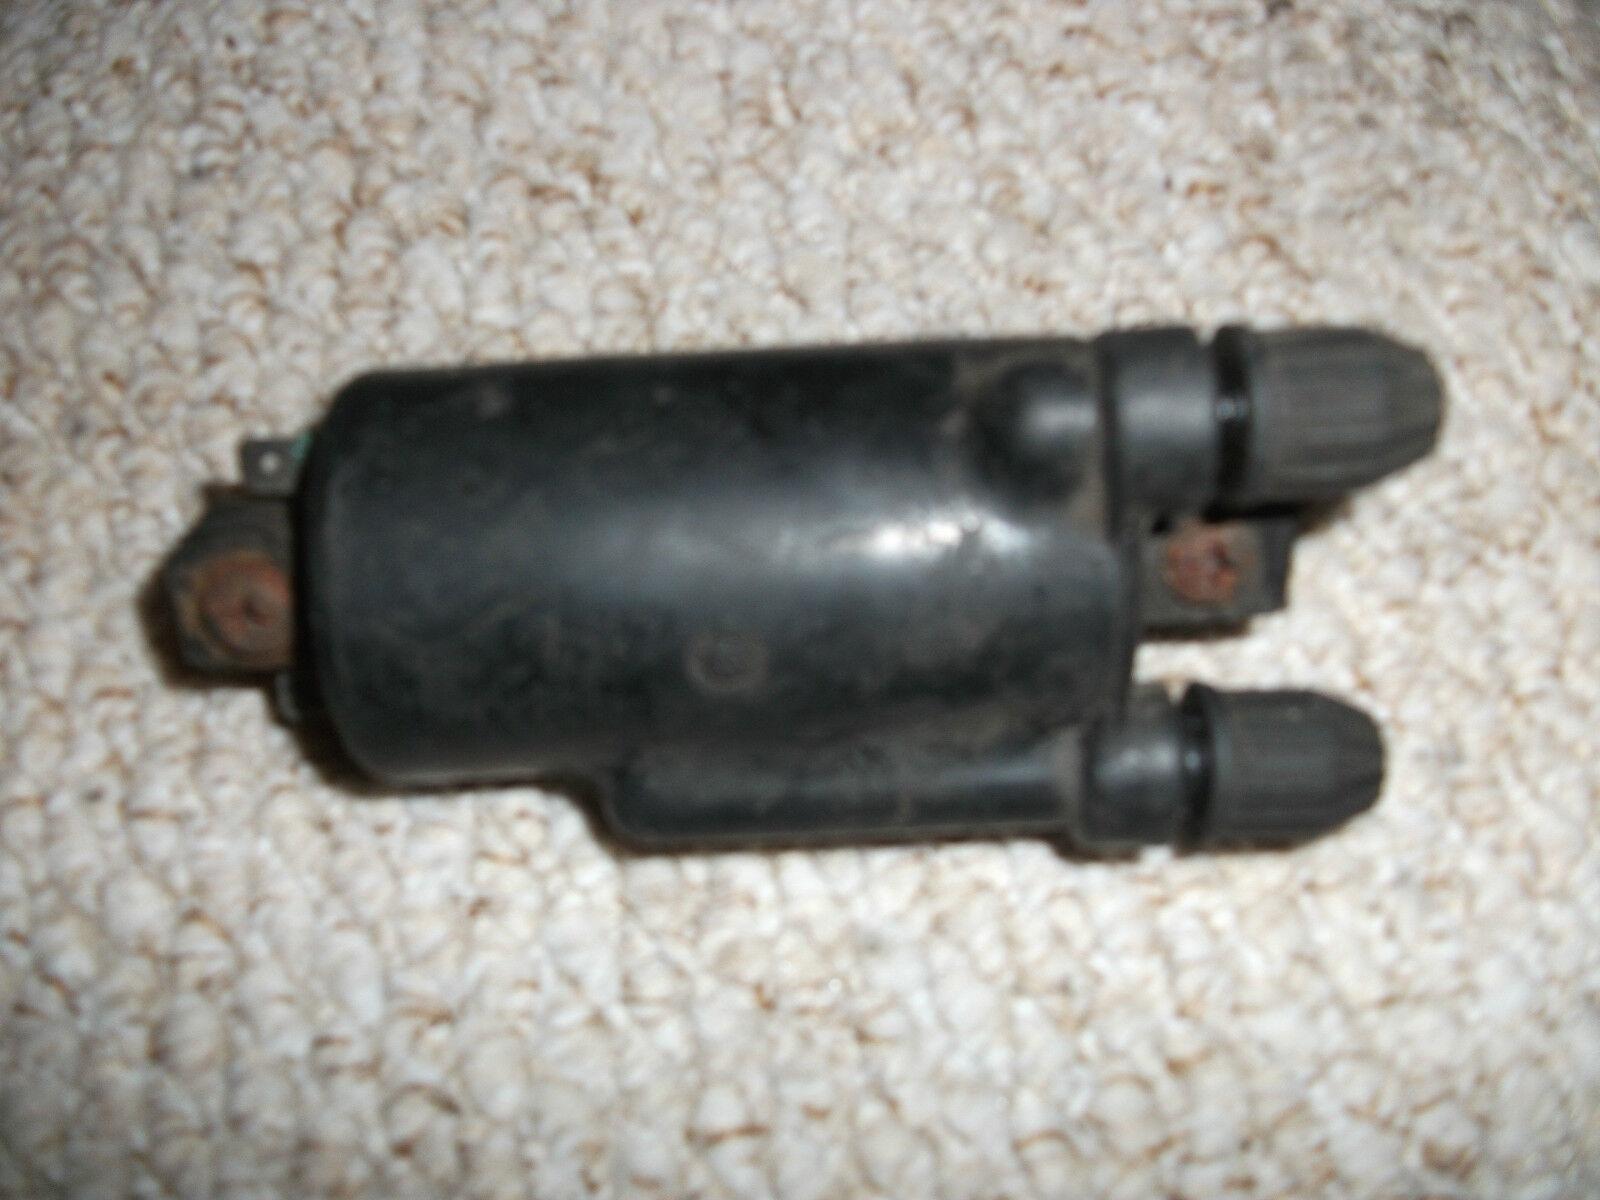 8118218 Kawasaki GPZ900 R 84-94 Kawasaki Motorcycle Ignition Coil 12V